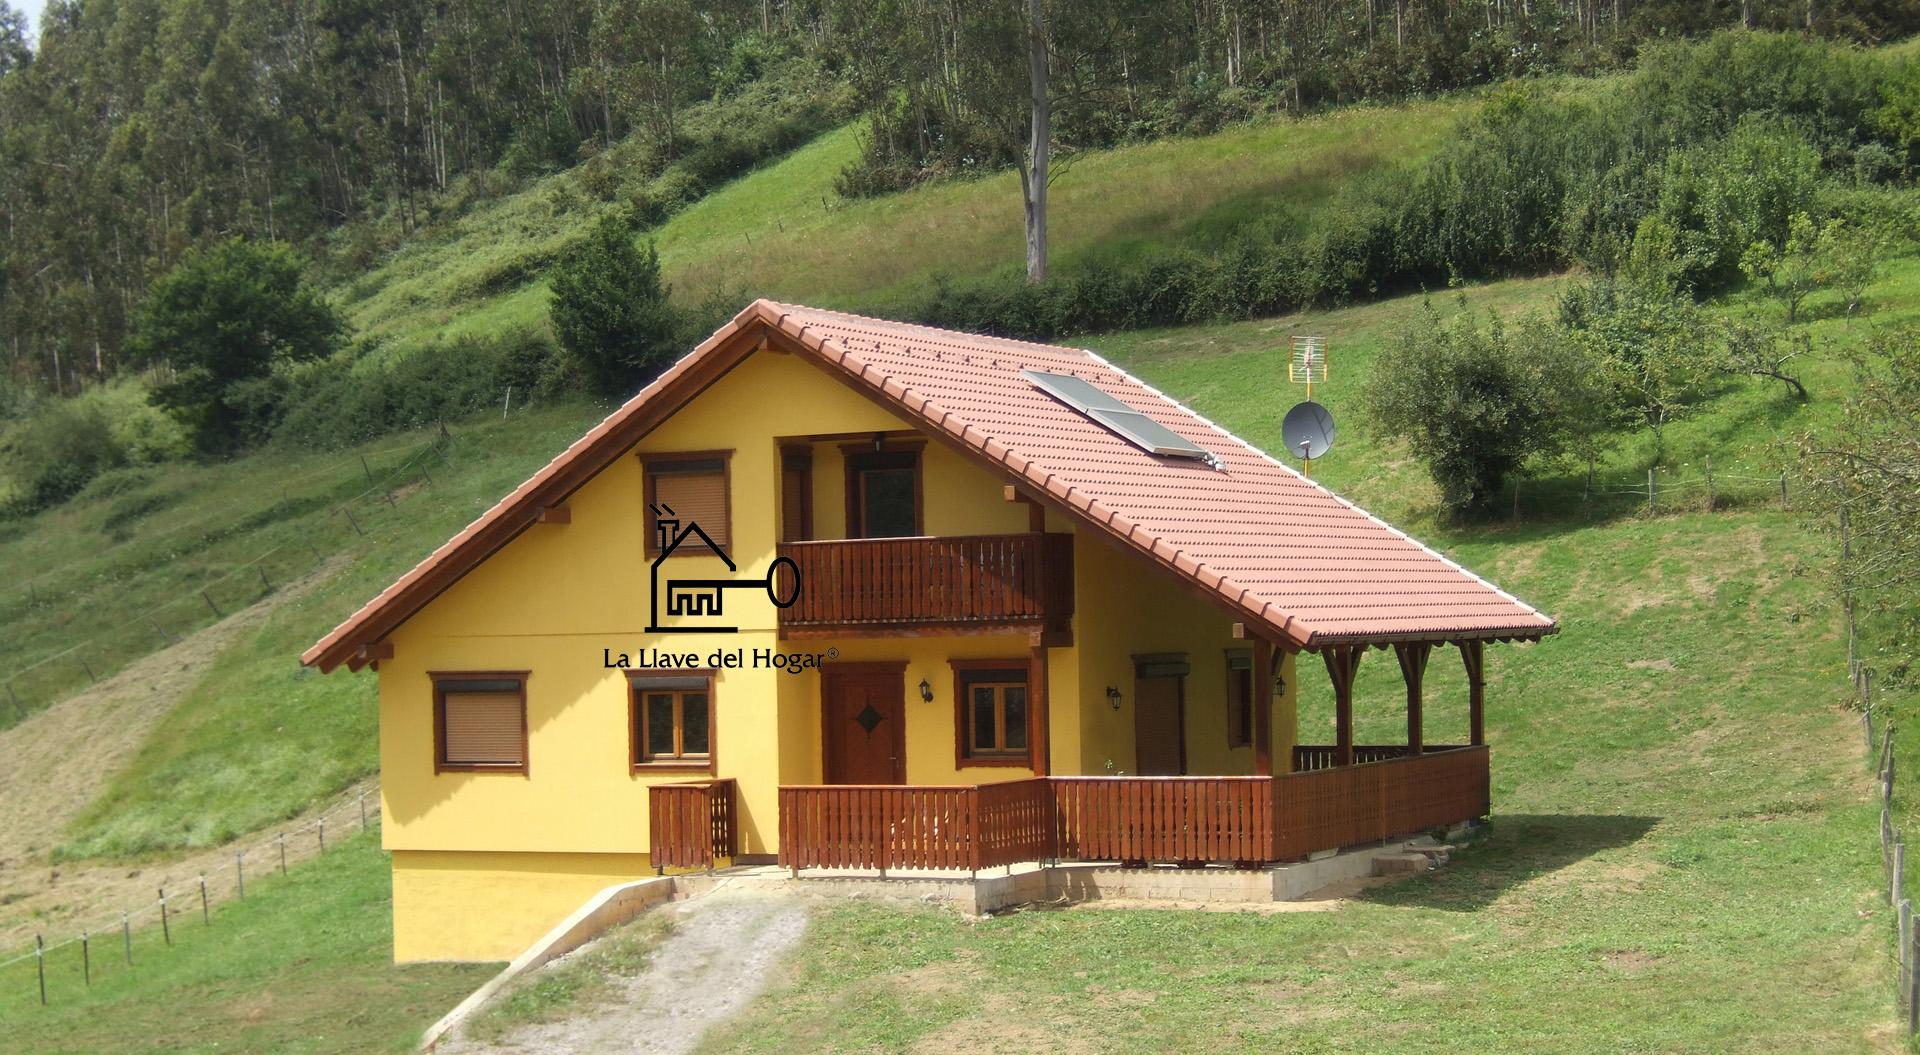 La llave del hogar casas de madera y entramado ligero for Fabricantes de casas de madera